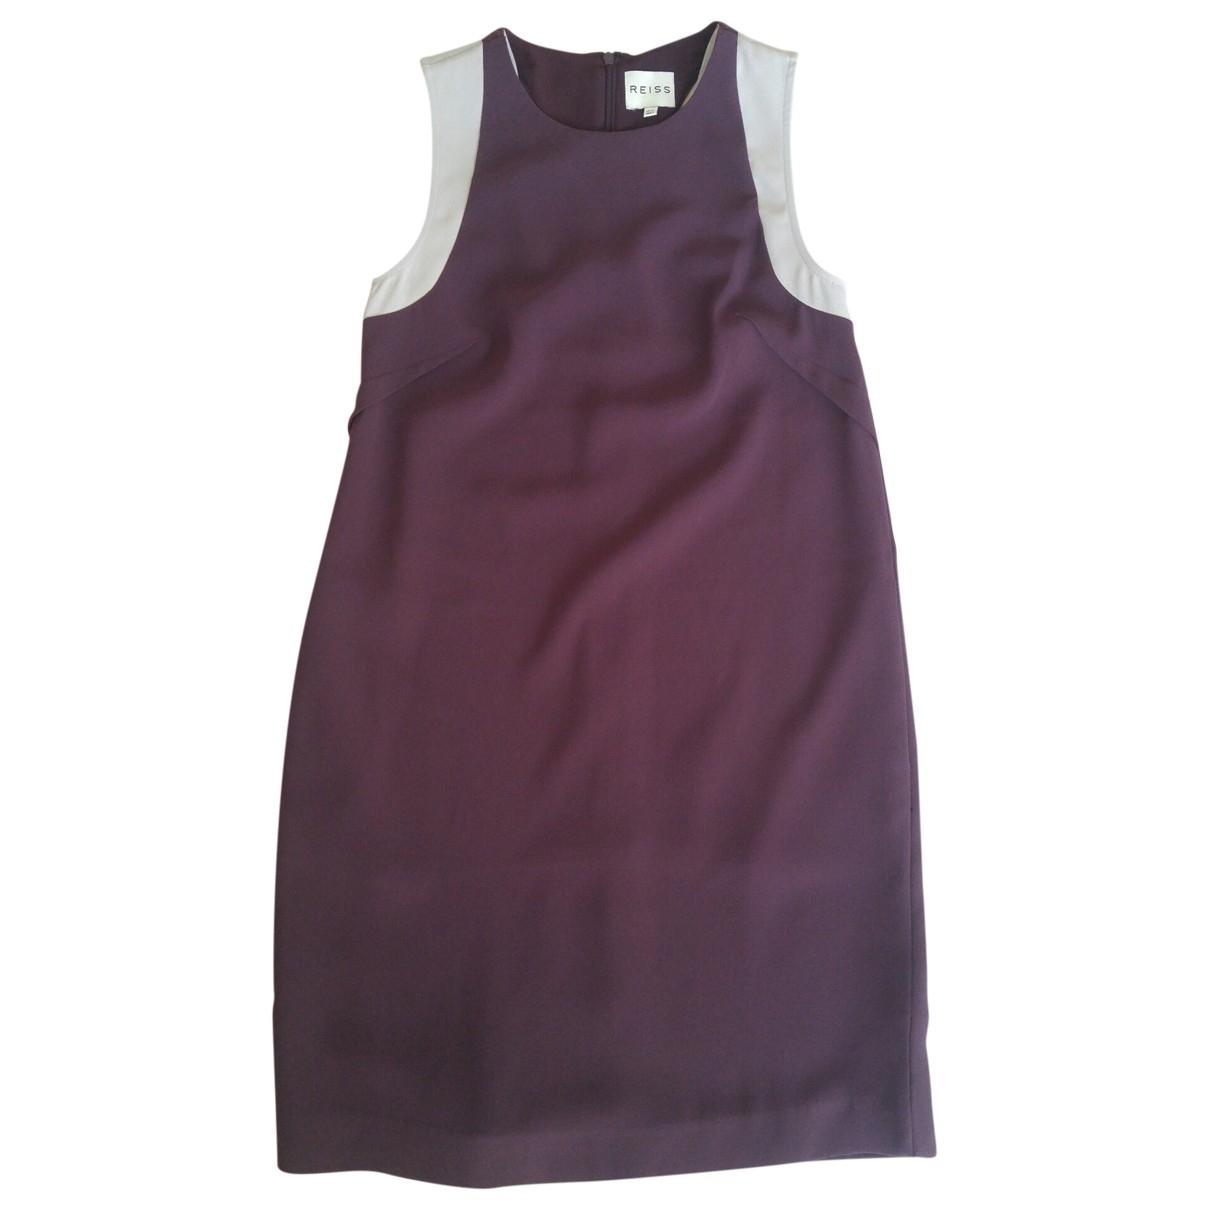 Reiss \N Purple dress for Women 6 UK